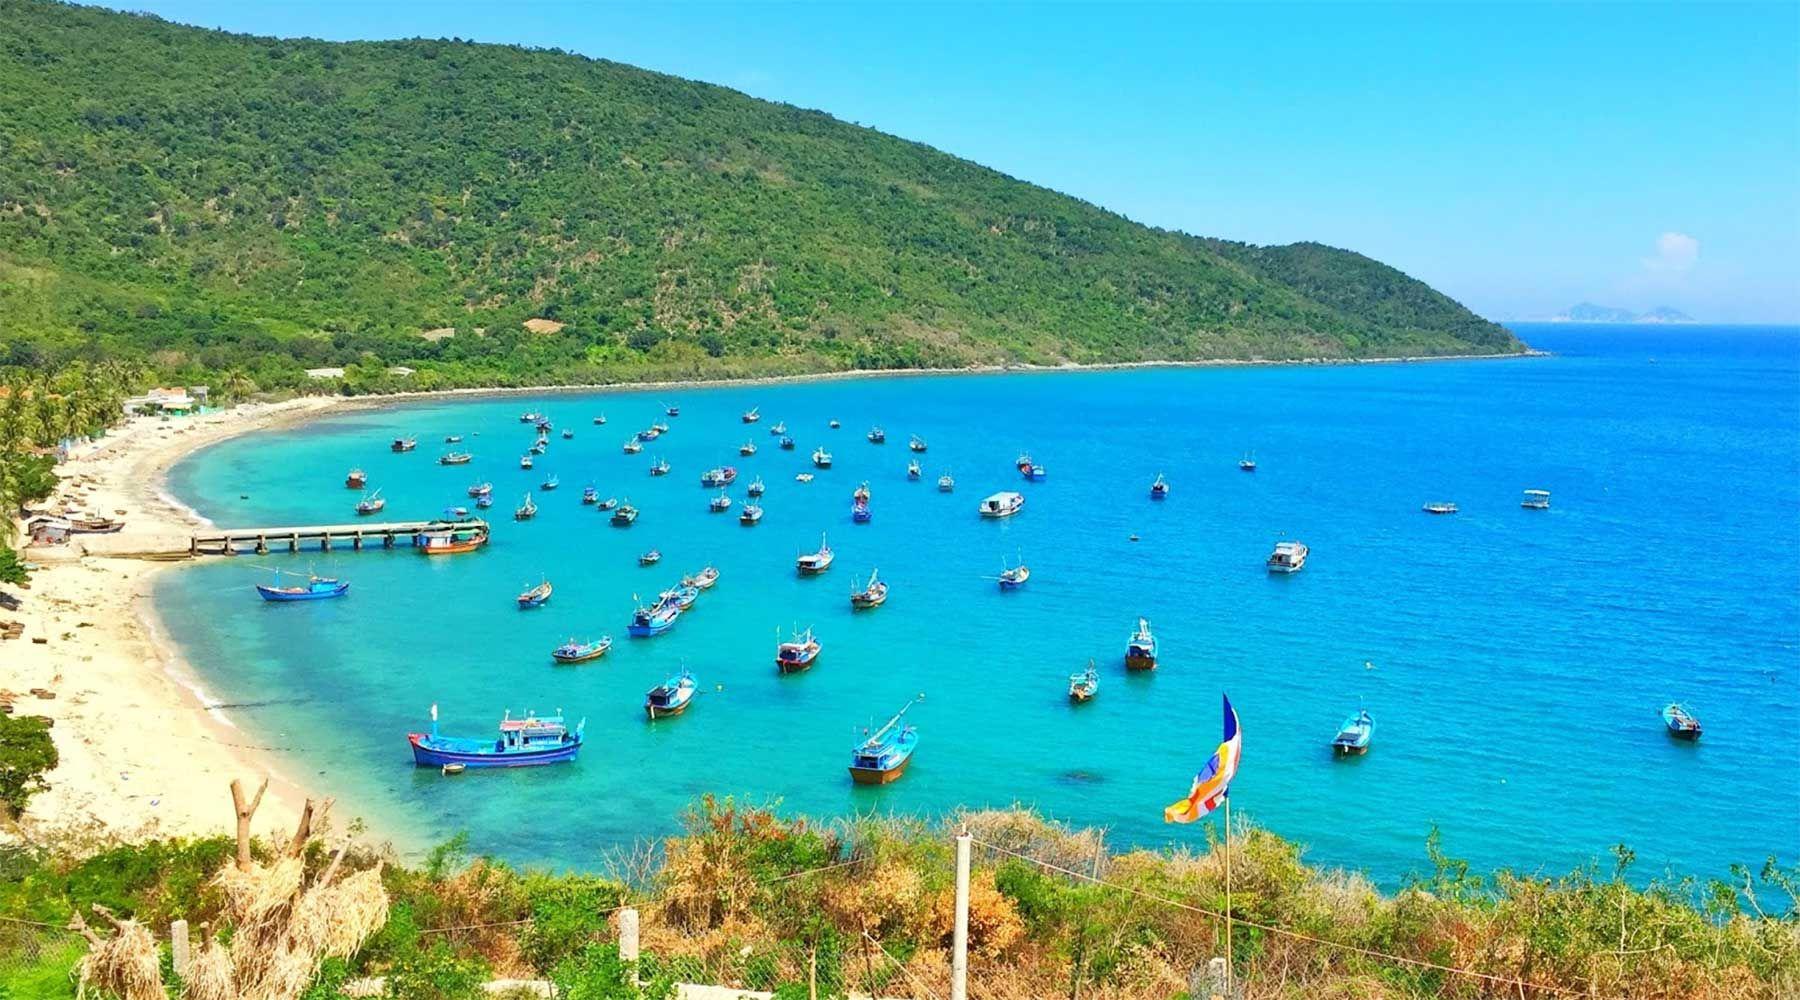 Khám phá 6 vịnh biển xinh đẹp nhất Việt Nam